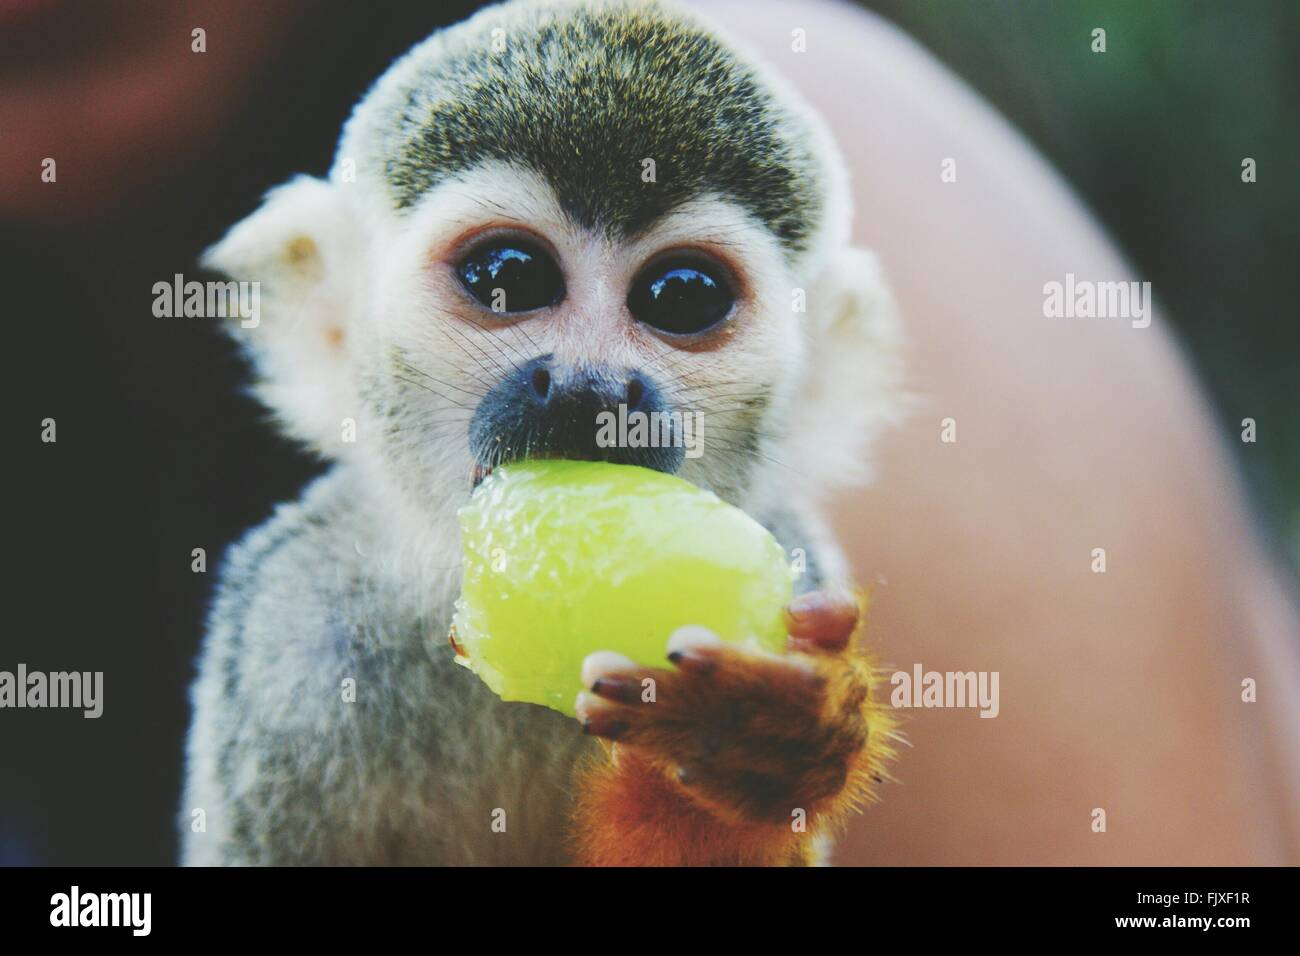 Ritratto di Scimmia di scoiattolo mangiando frutta all'aperto Immagini Stock